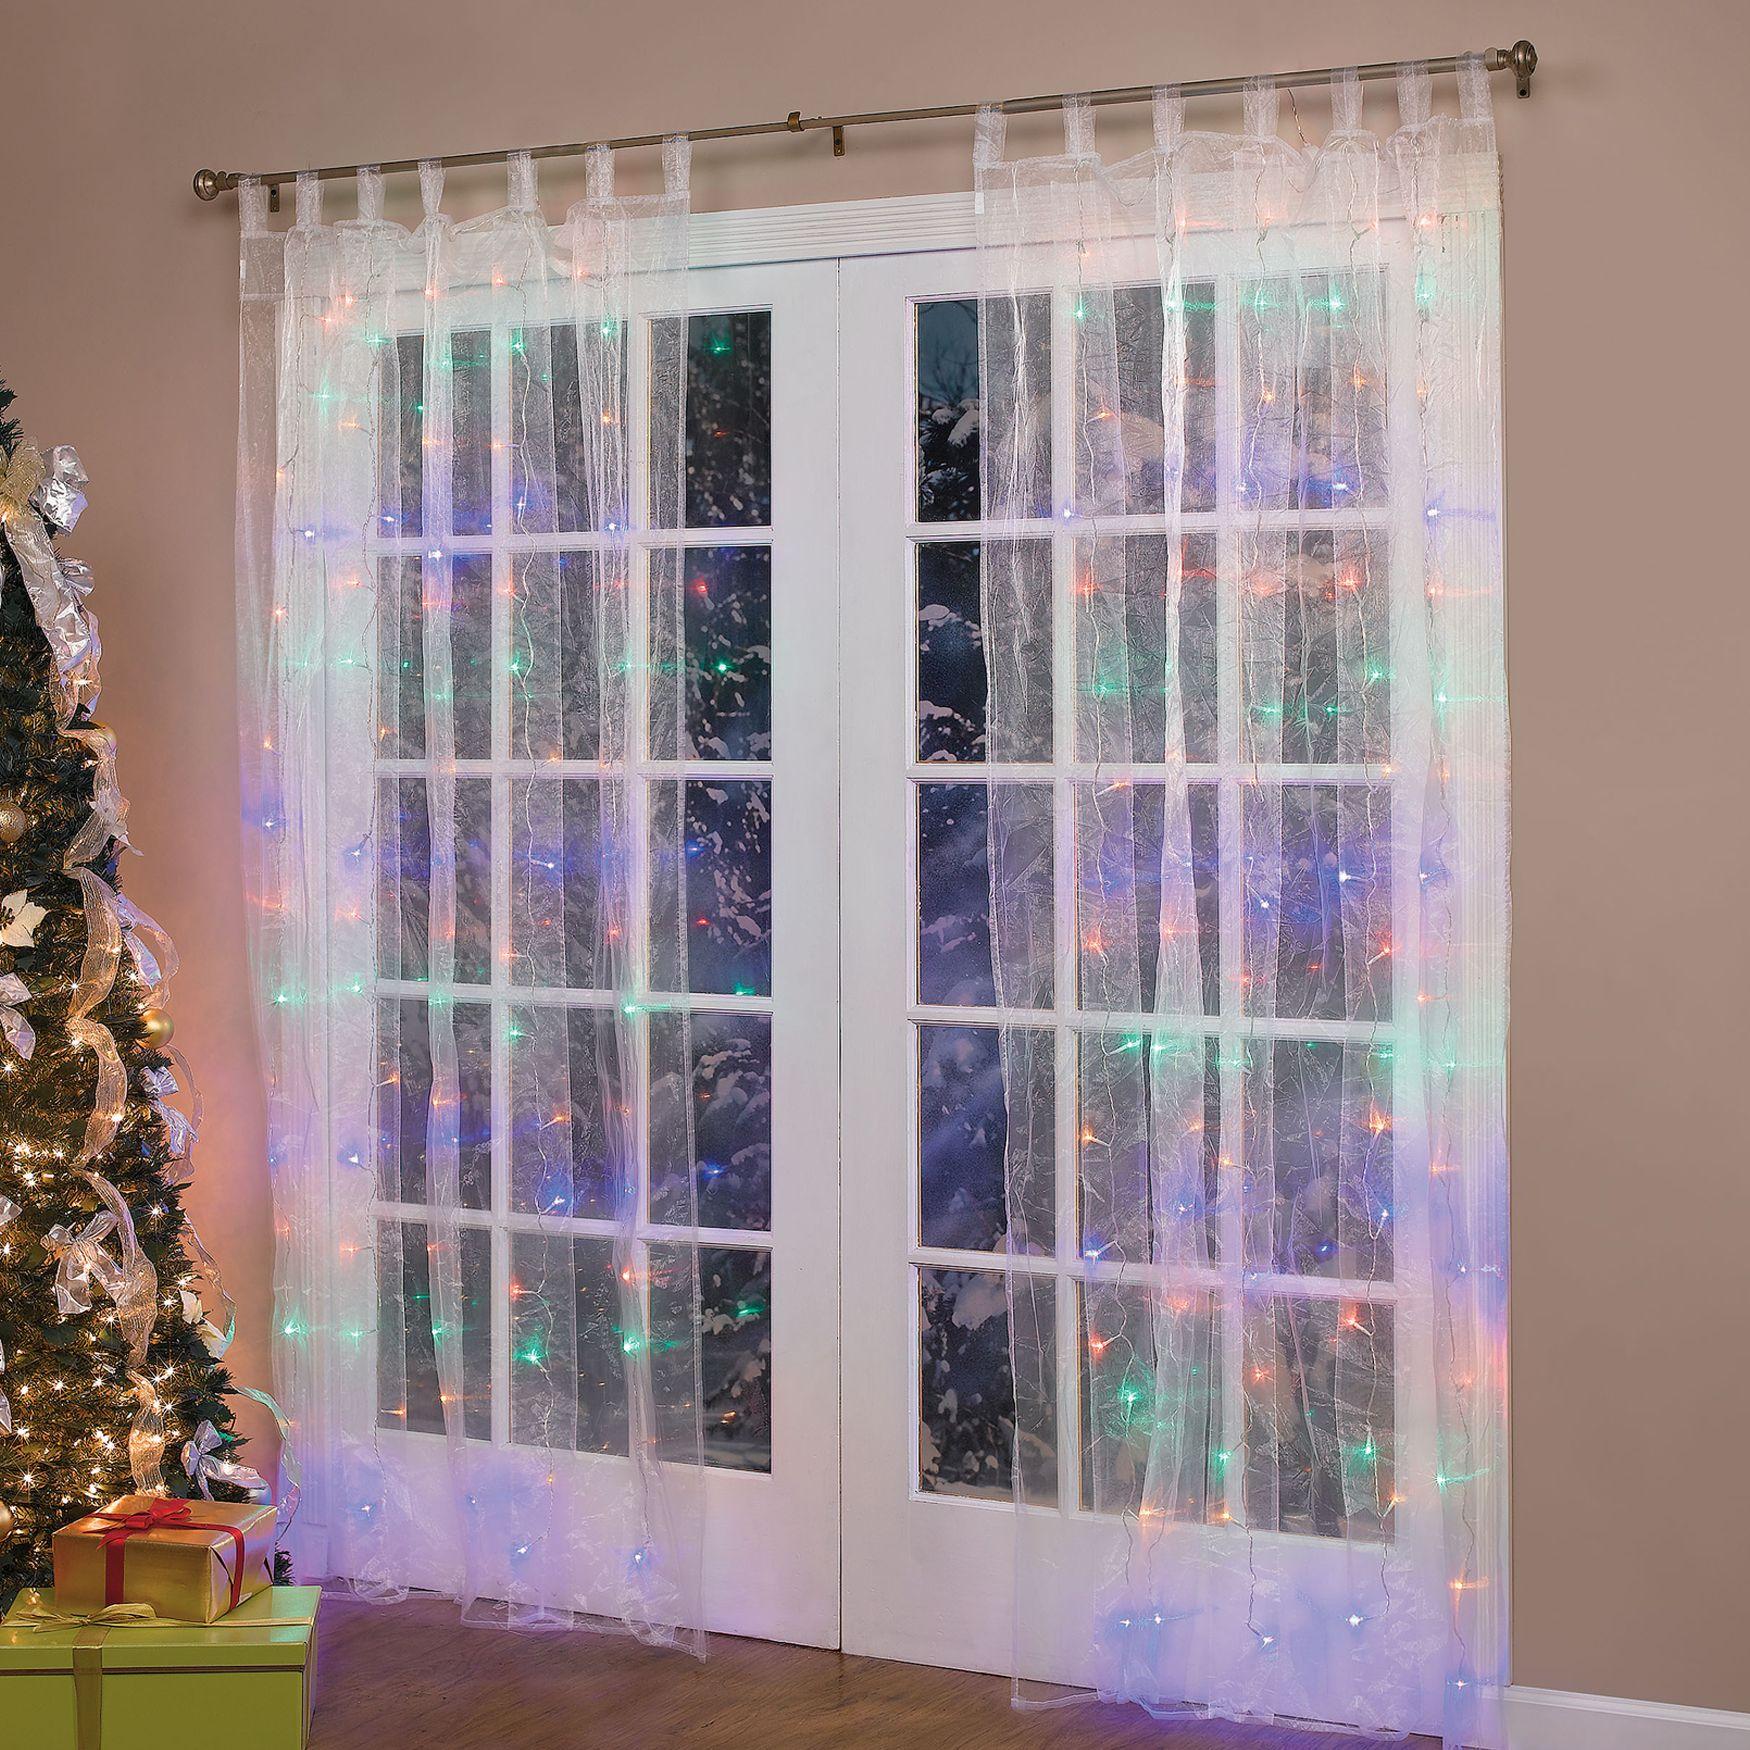 Pre-Lit Curtain Multi Panel; Sale $29.99